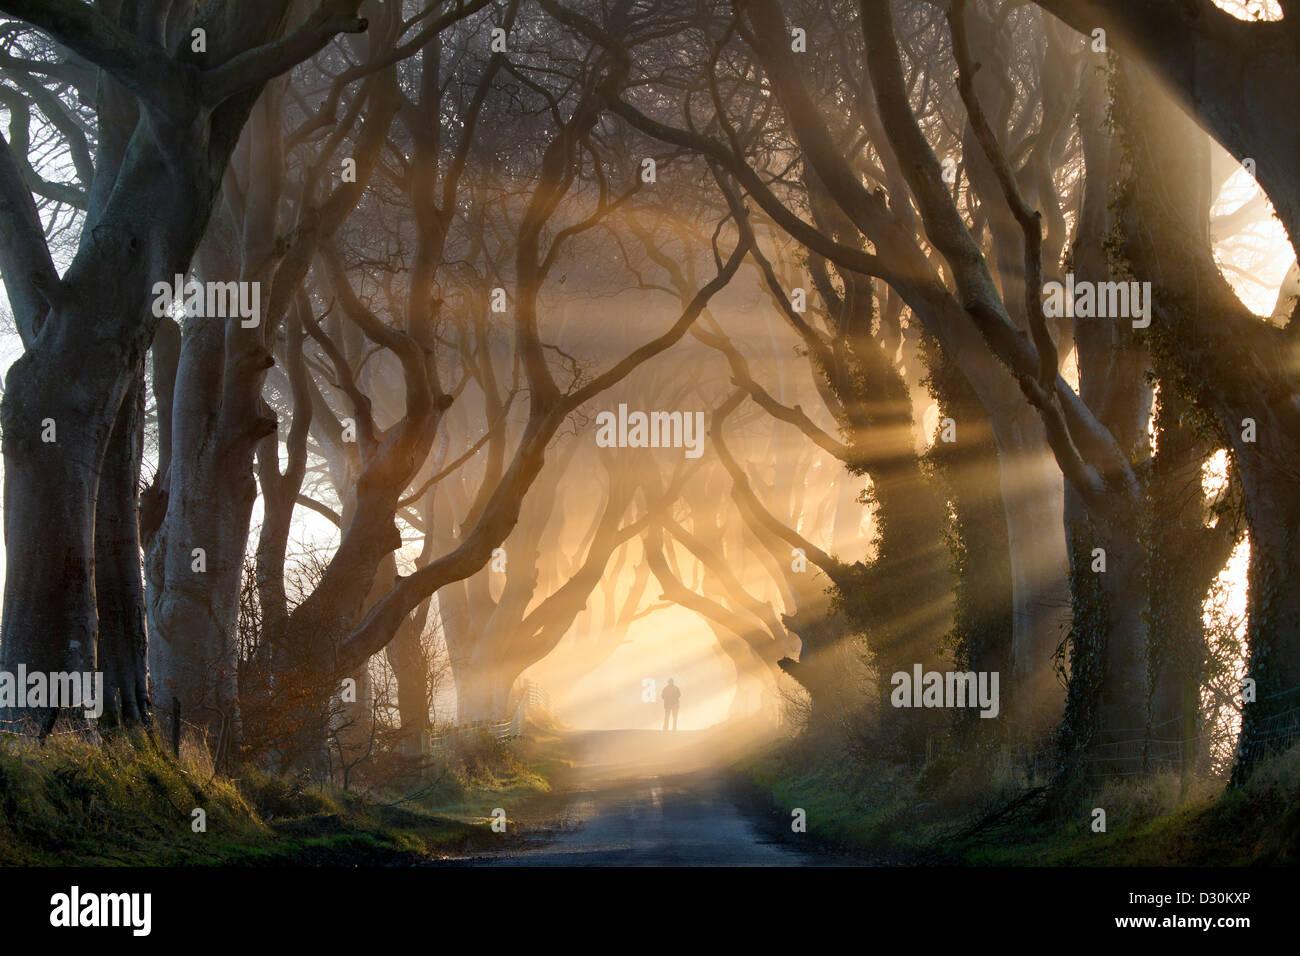 La silhouette d'une figure s'ajoute à l'ambiance comme les rayons enveloppée de la lumière Photo Stock